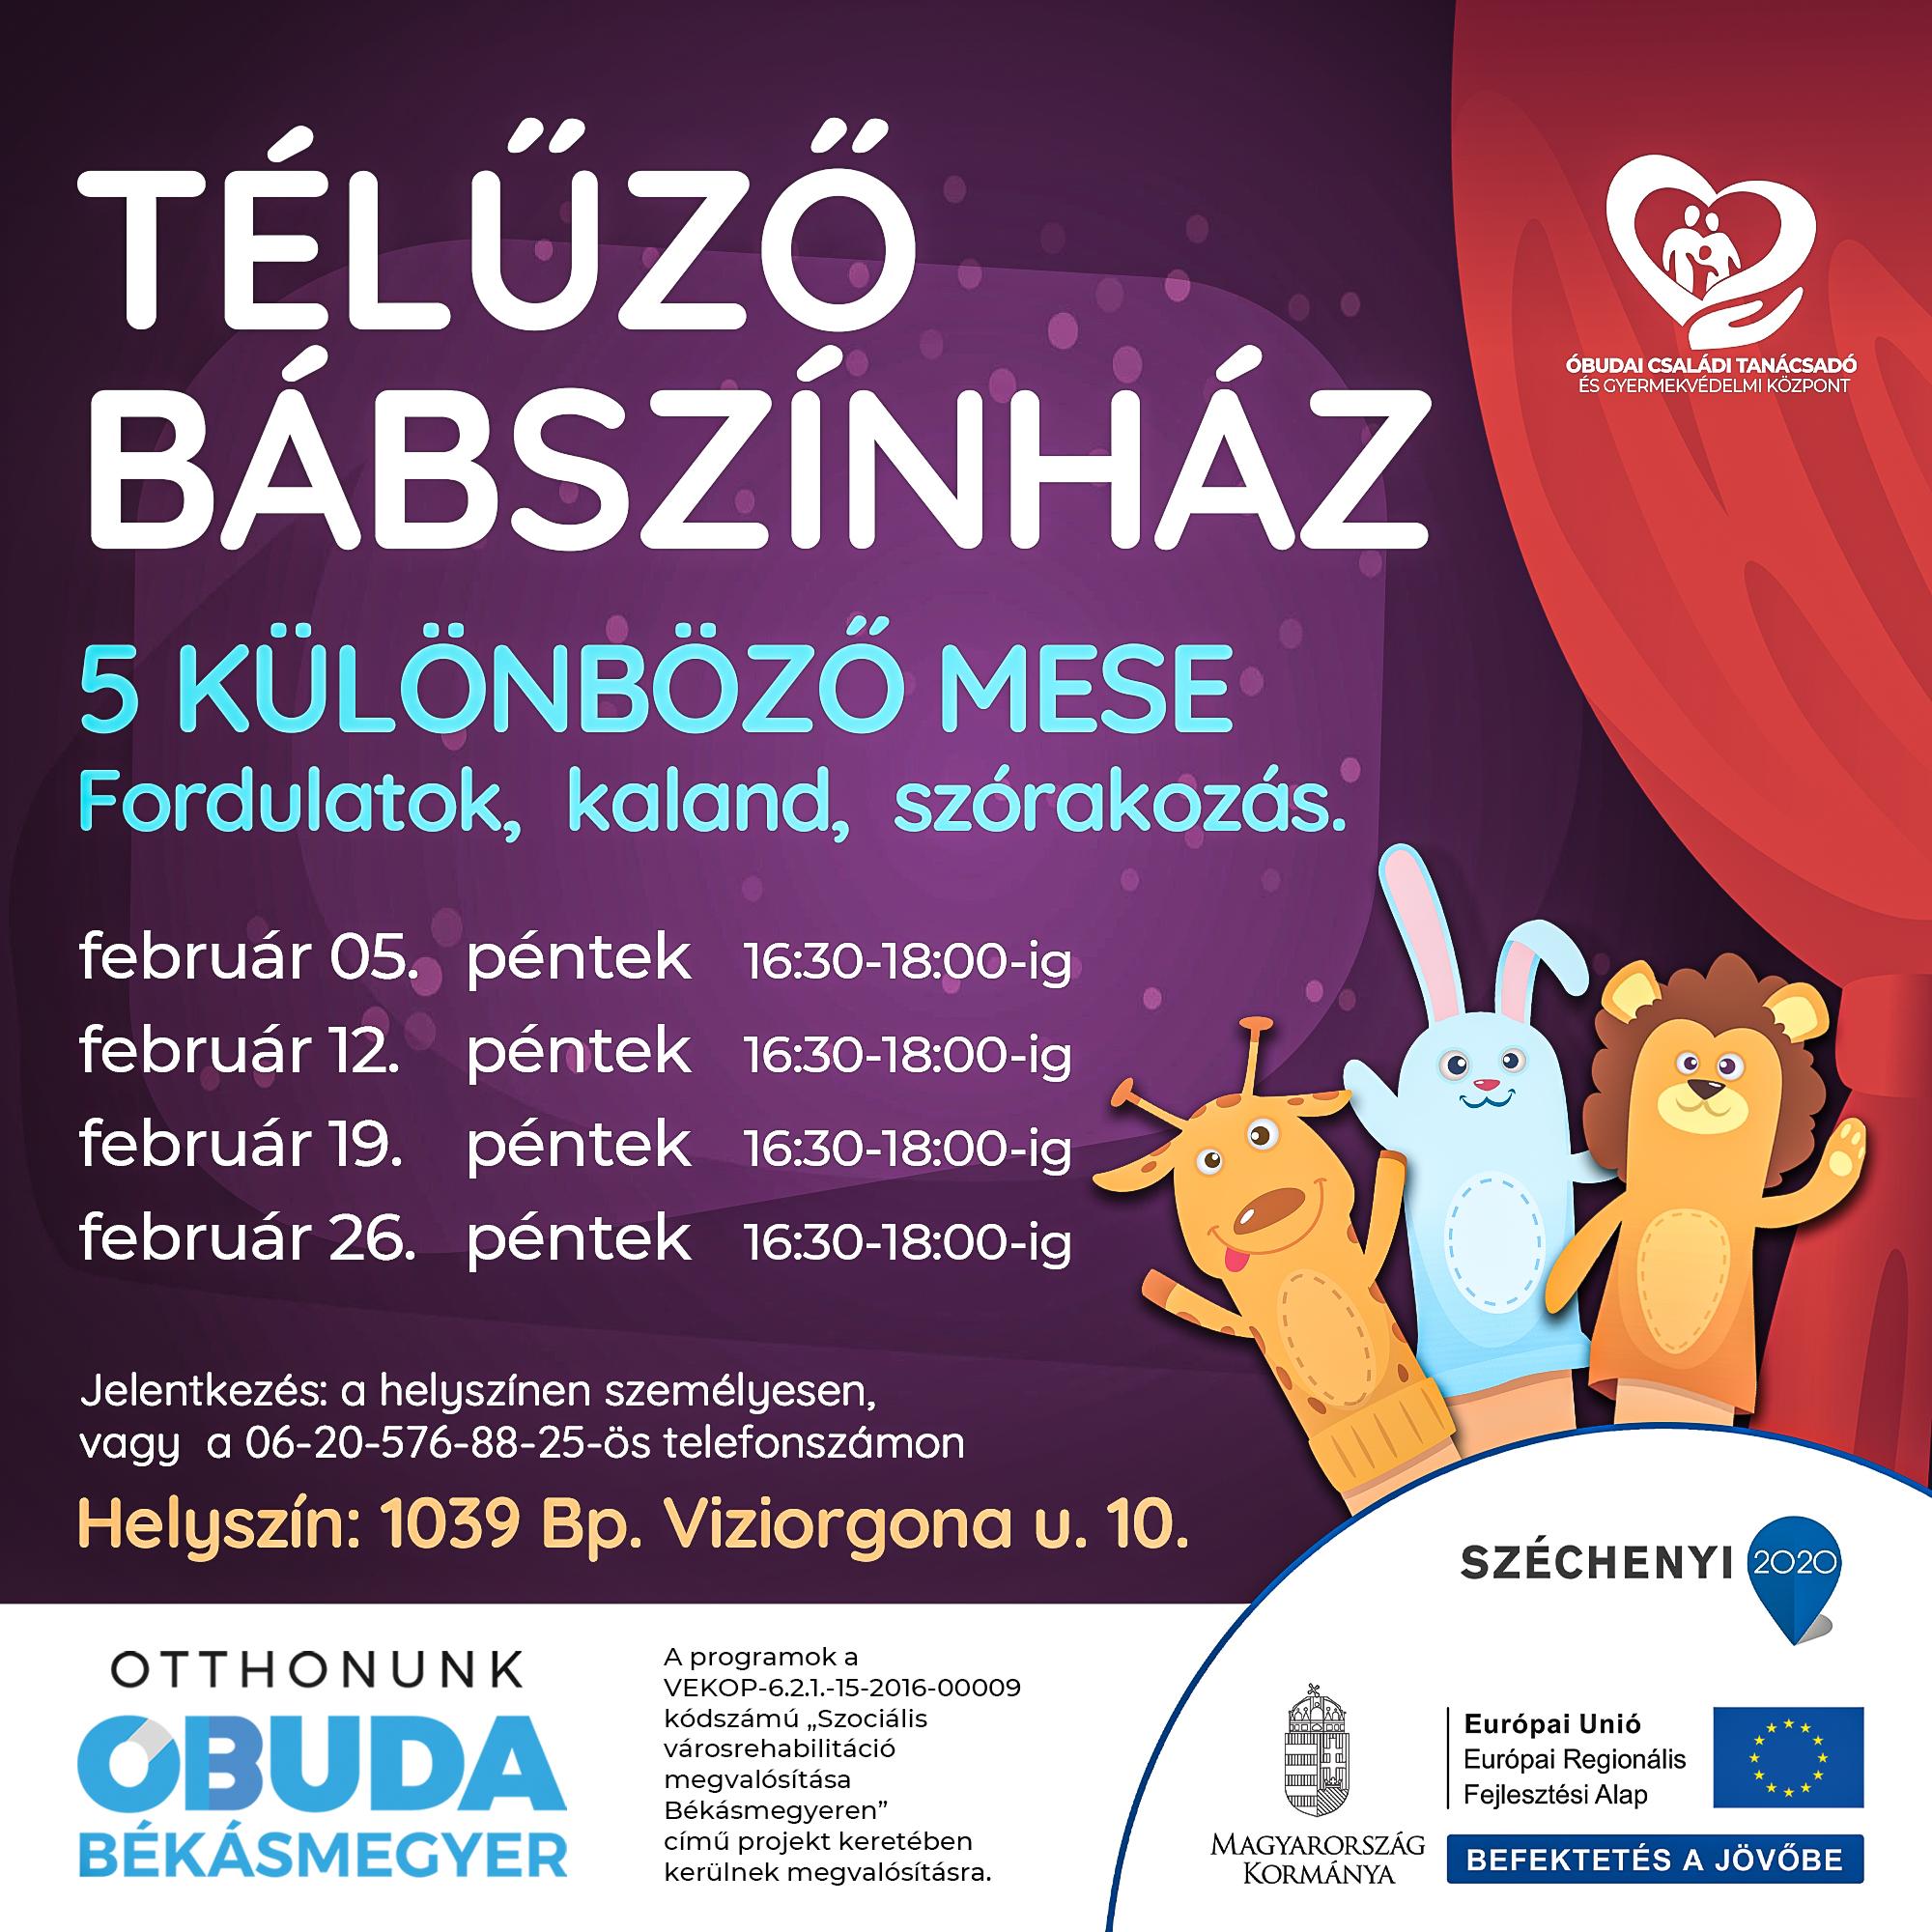 Teluzo-babszinhaz_FEED